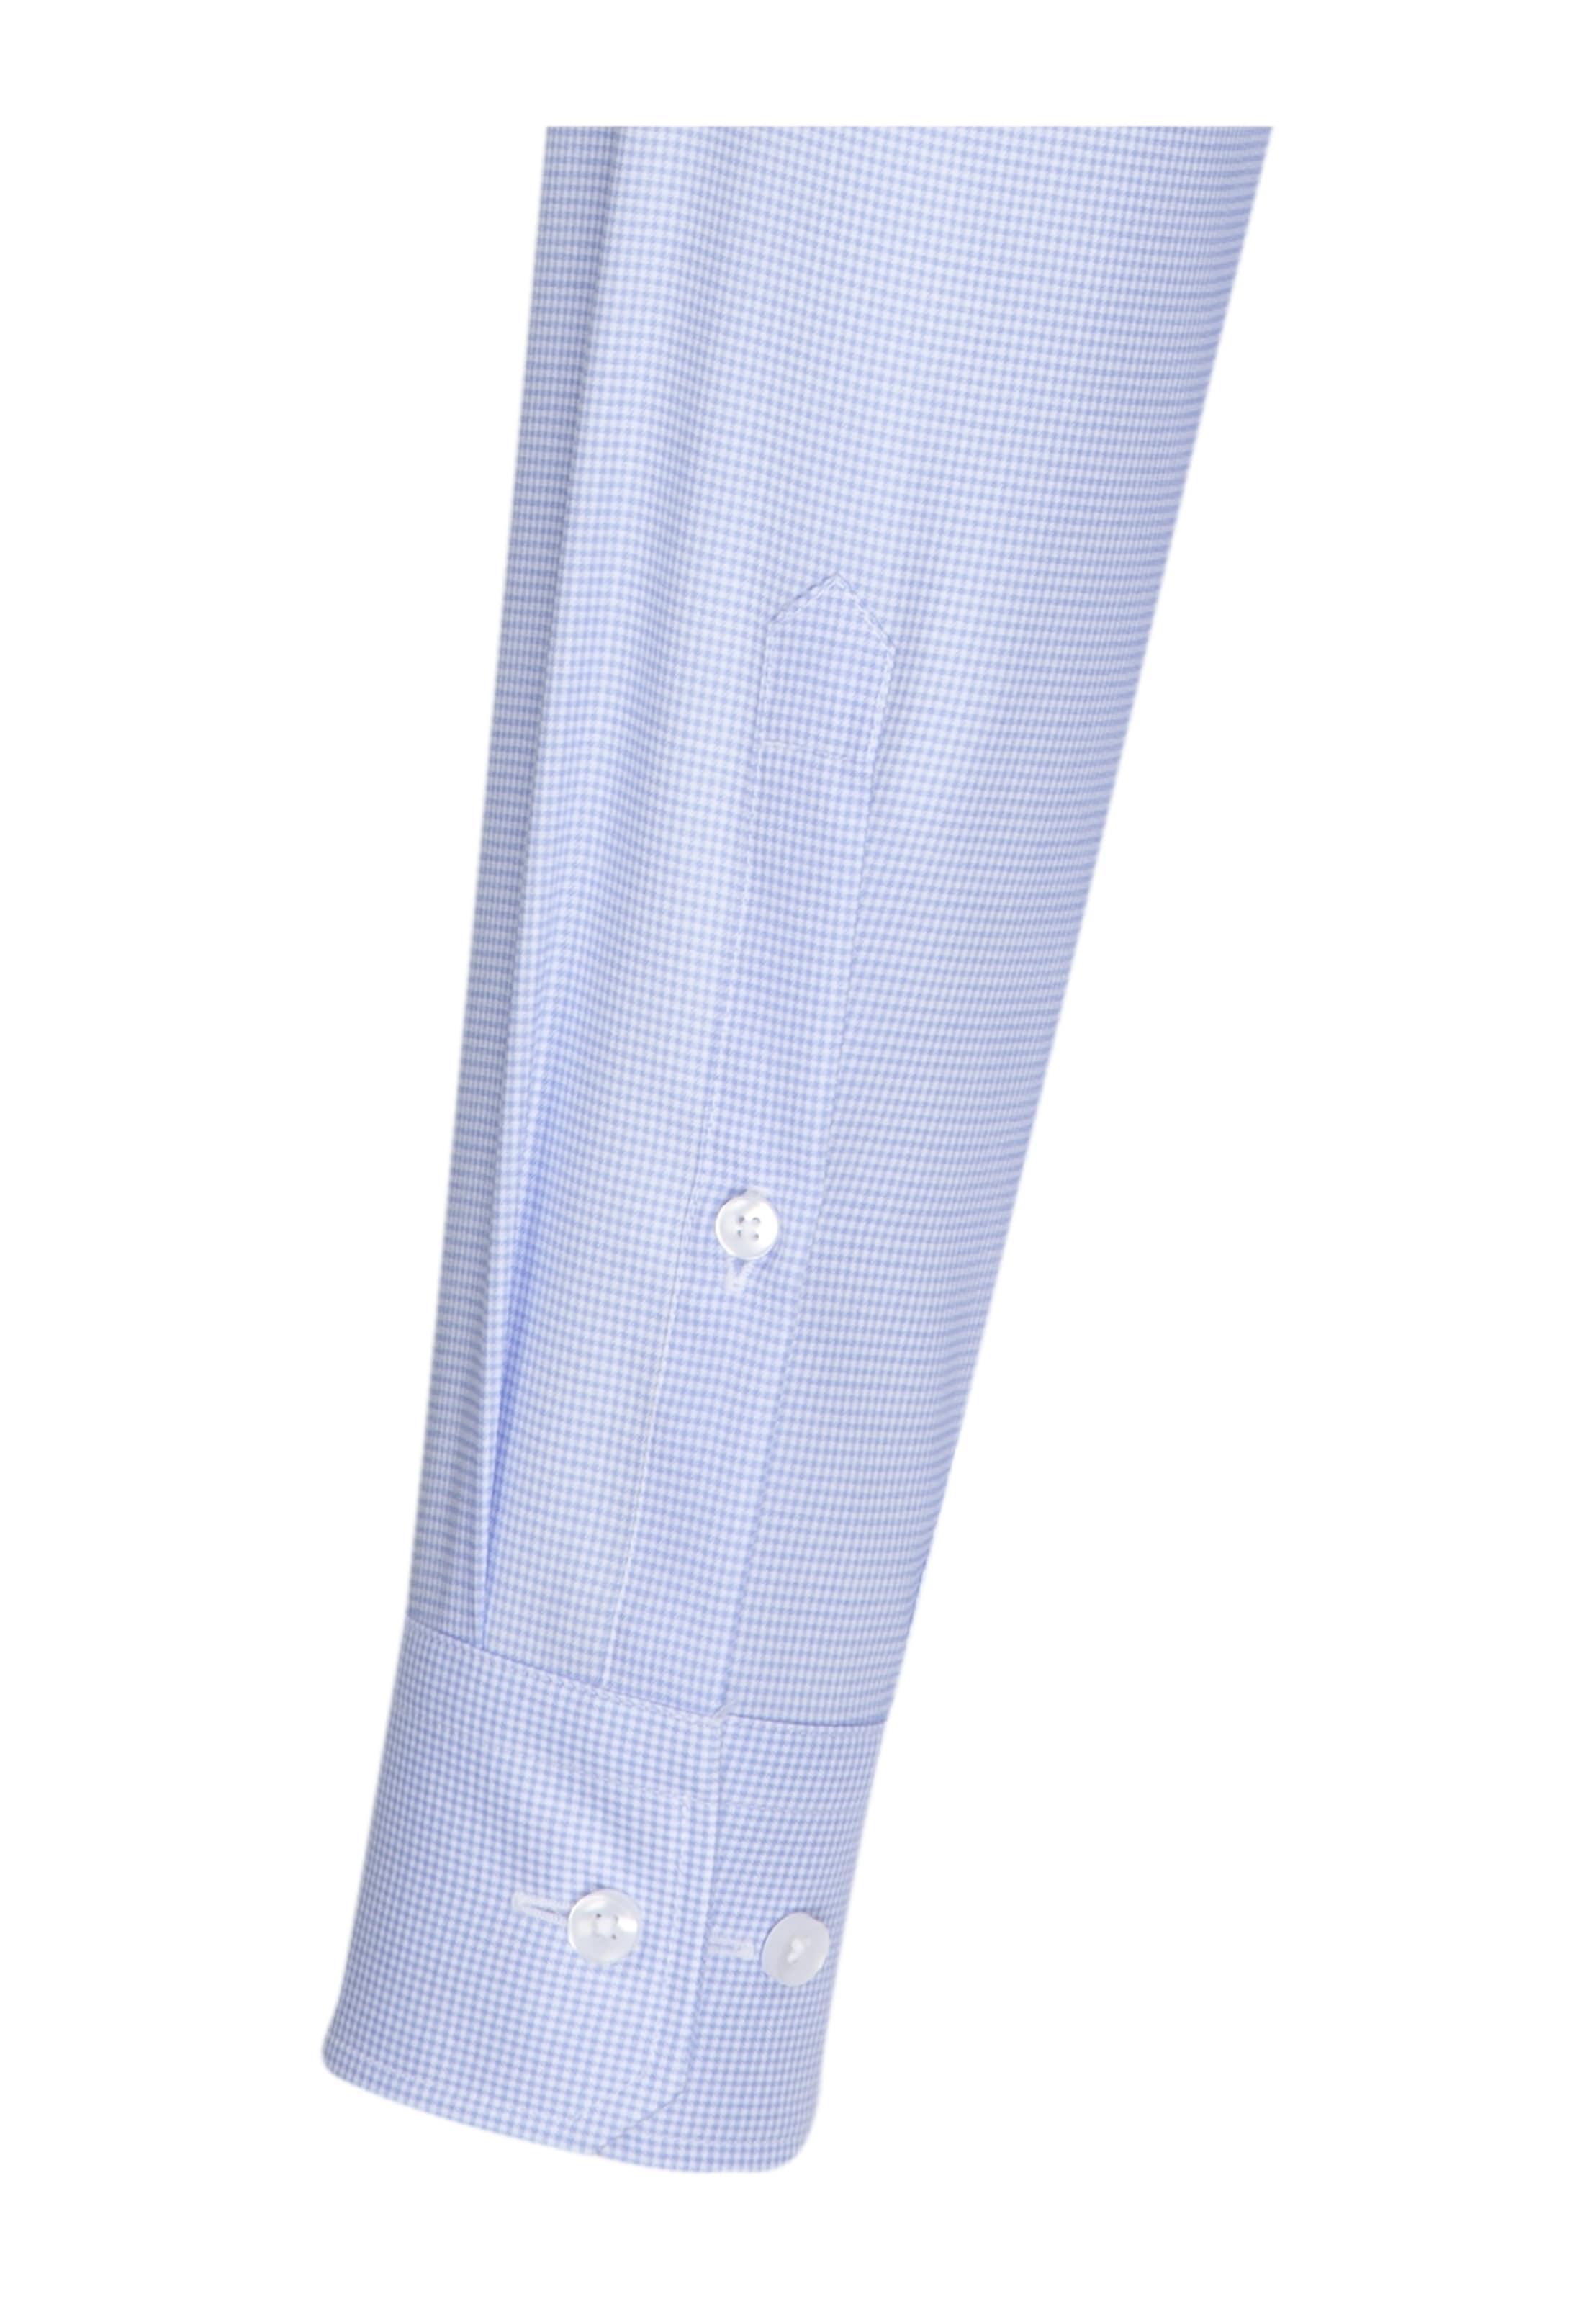 SEIDENSTICKER City-Hemd 'Modern' Neueste Erscheinungsdaten Eastbay Online sXtZflDk0s